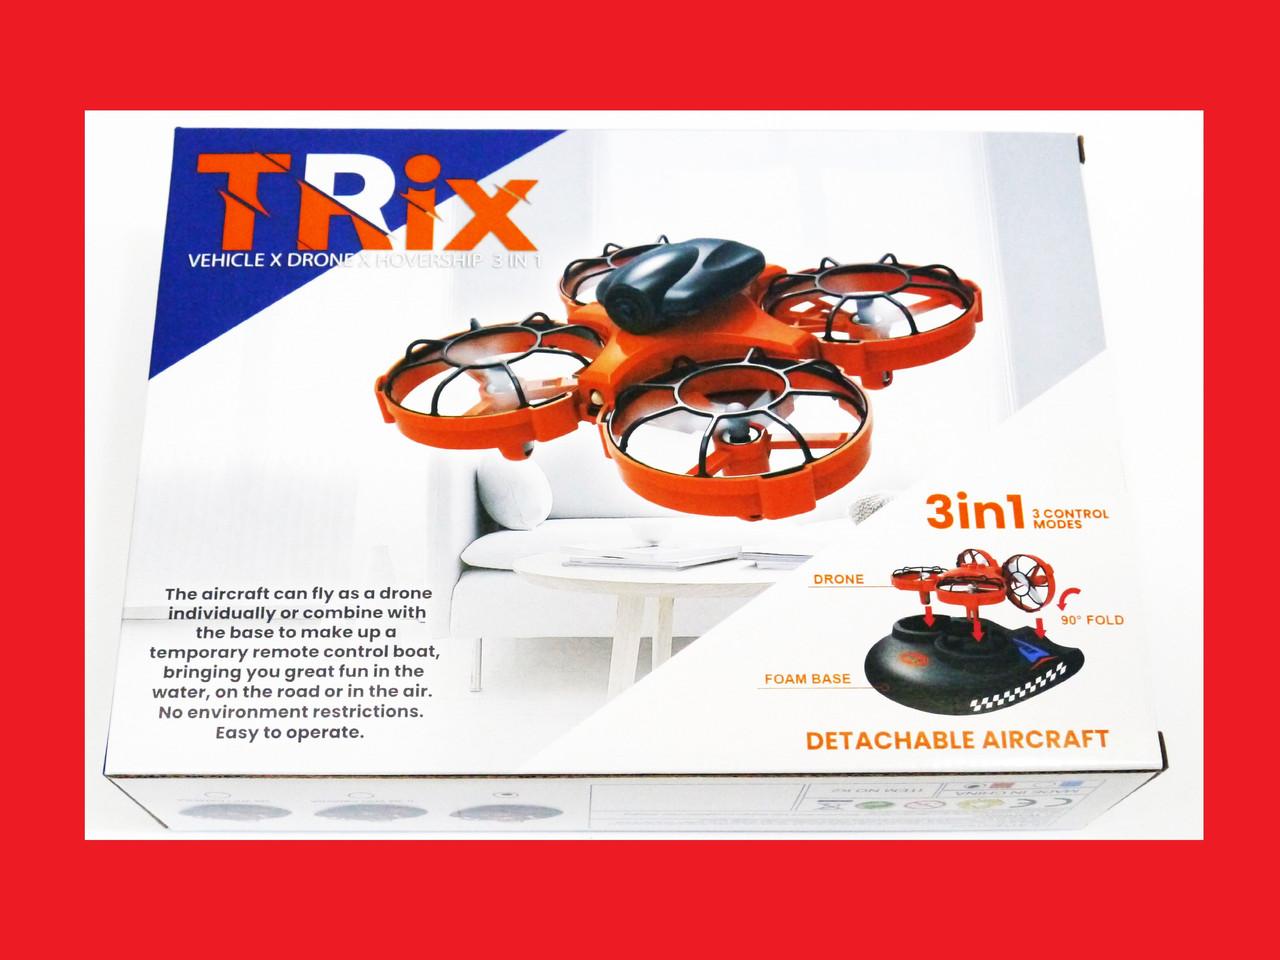 Радиоуправляемый квадрокоптер Trix K2 2в1